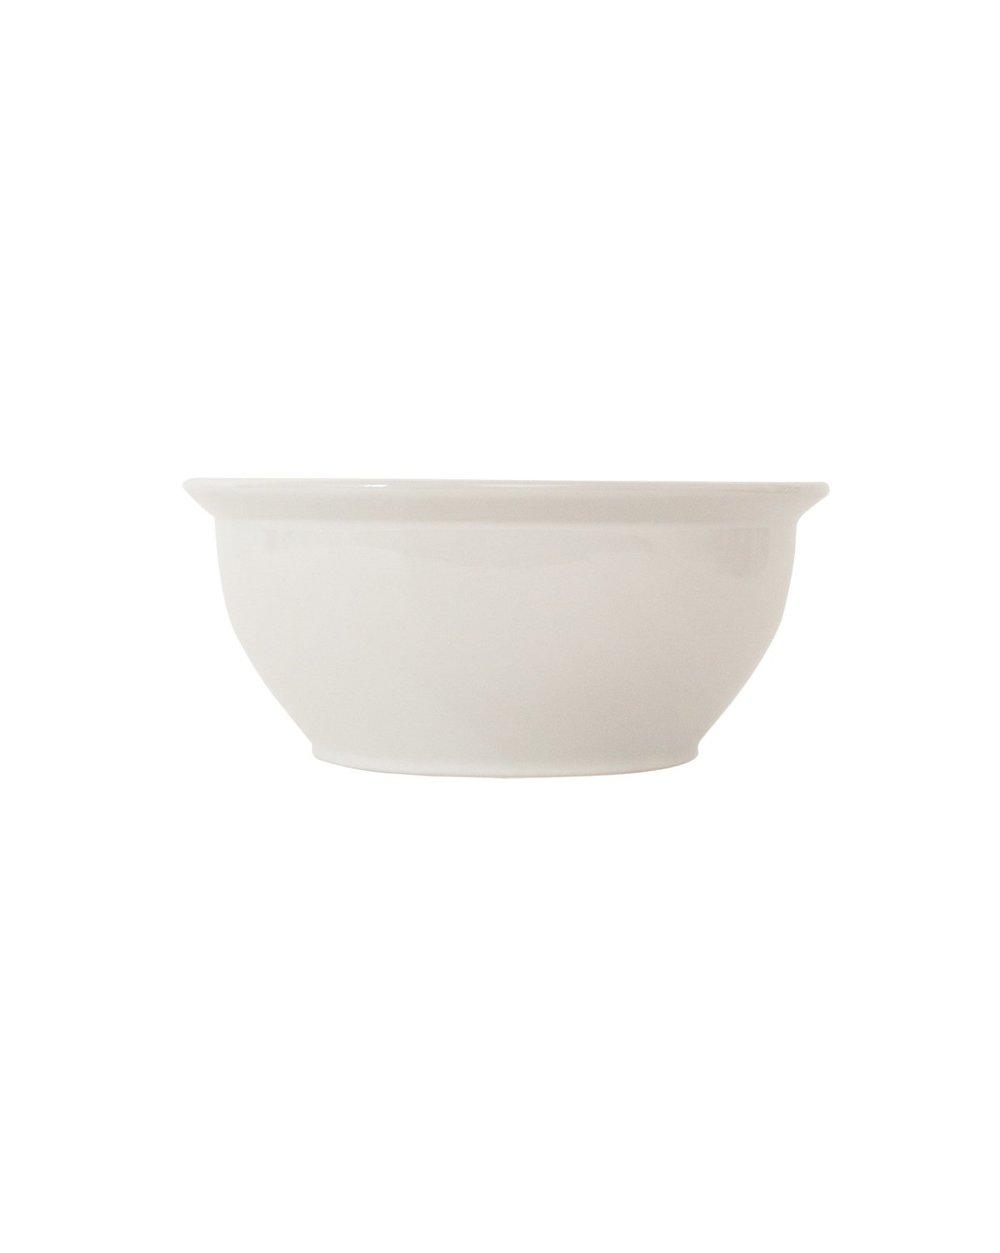 esmee_bowl3.jpg